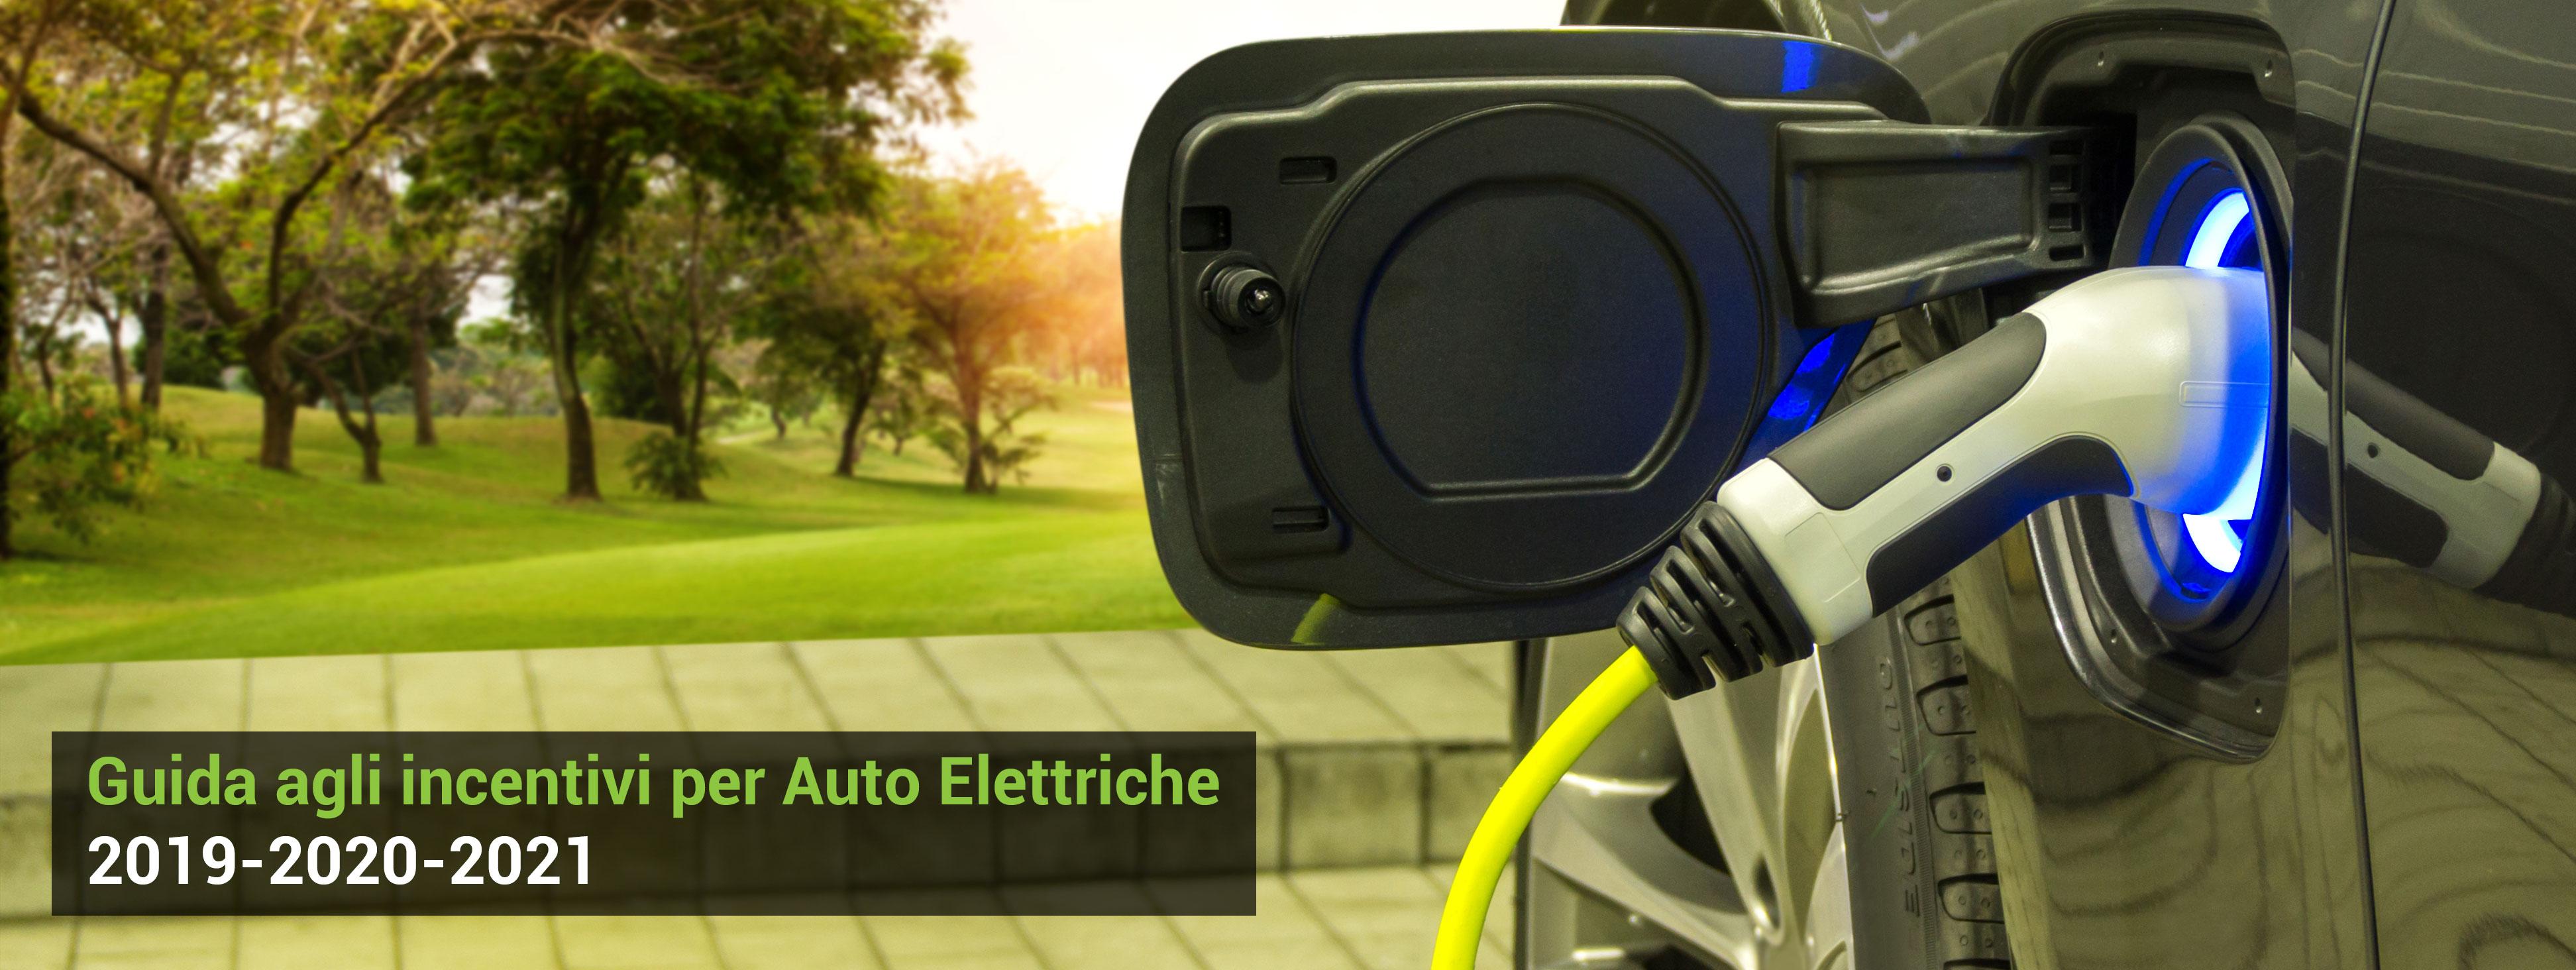 incentivi-auto-elettriche